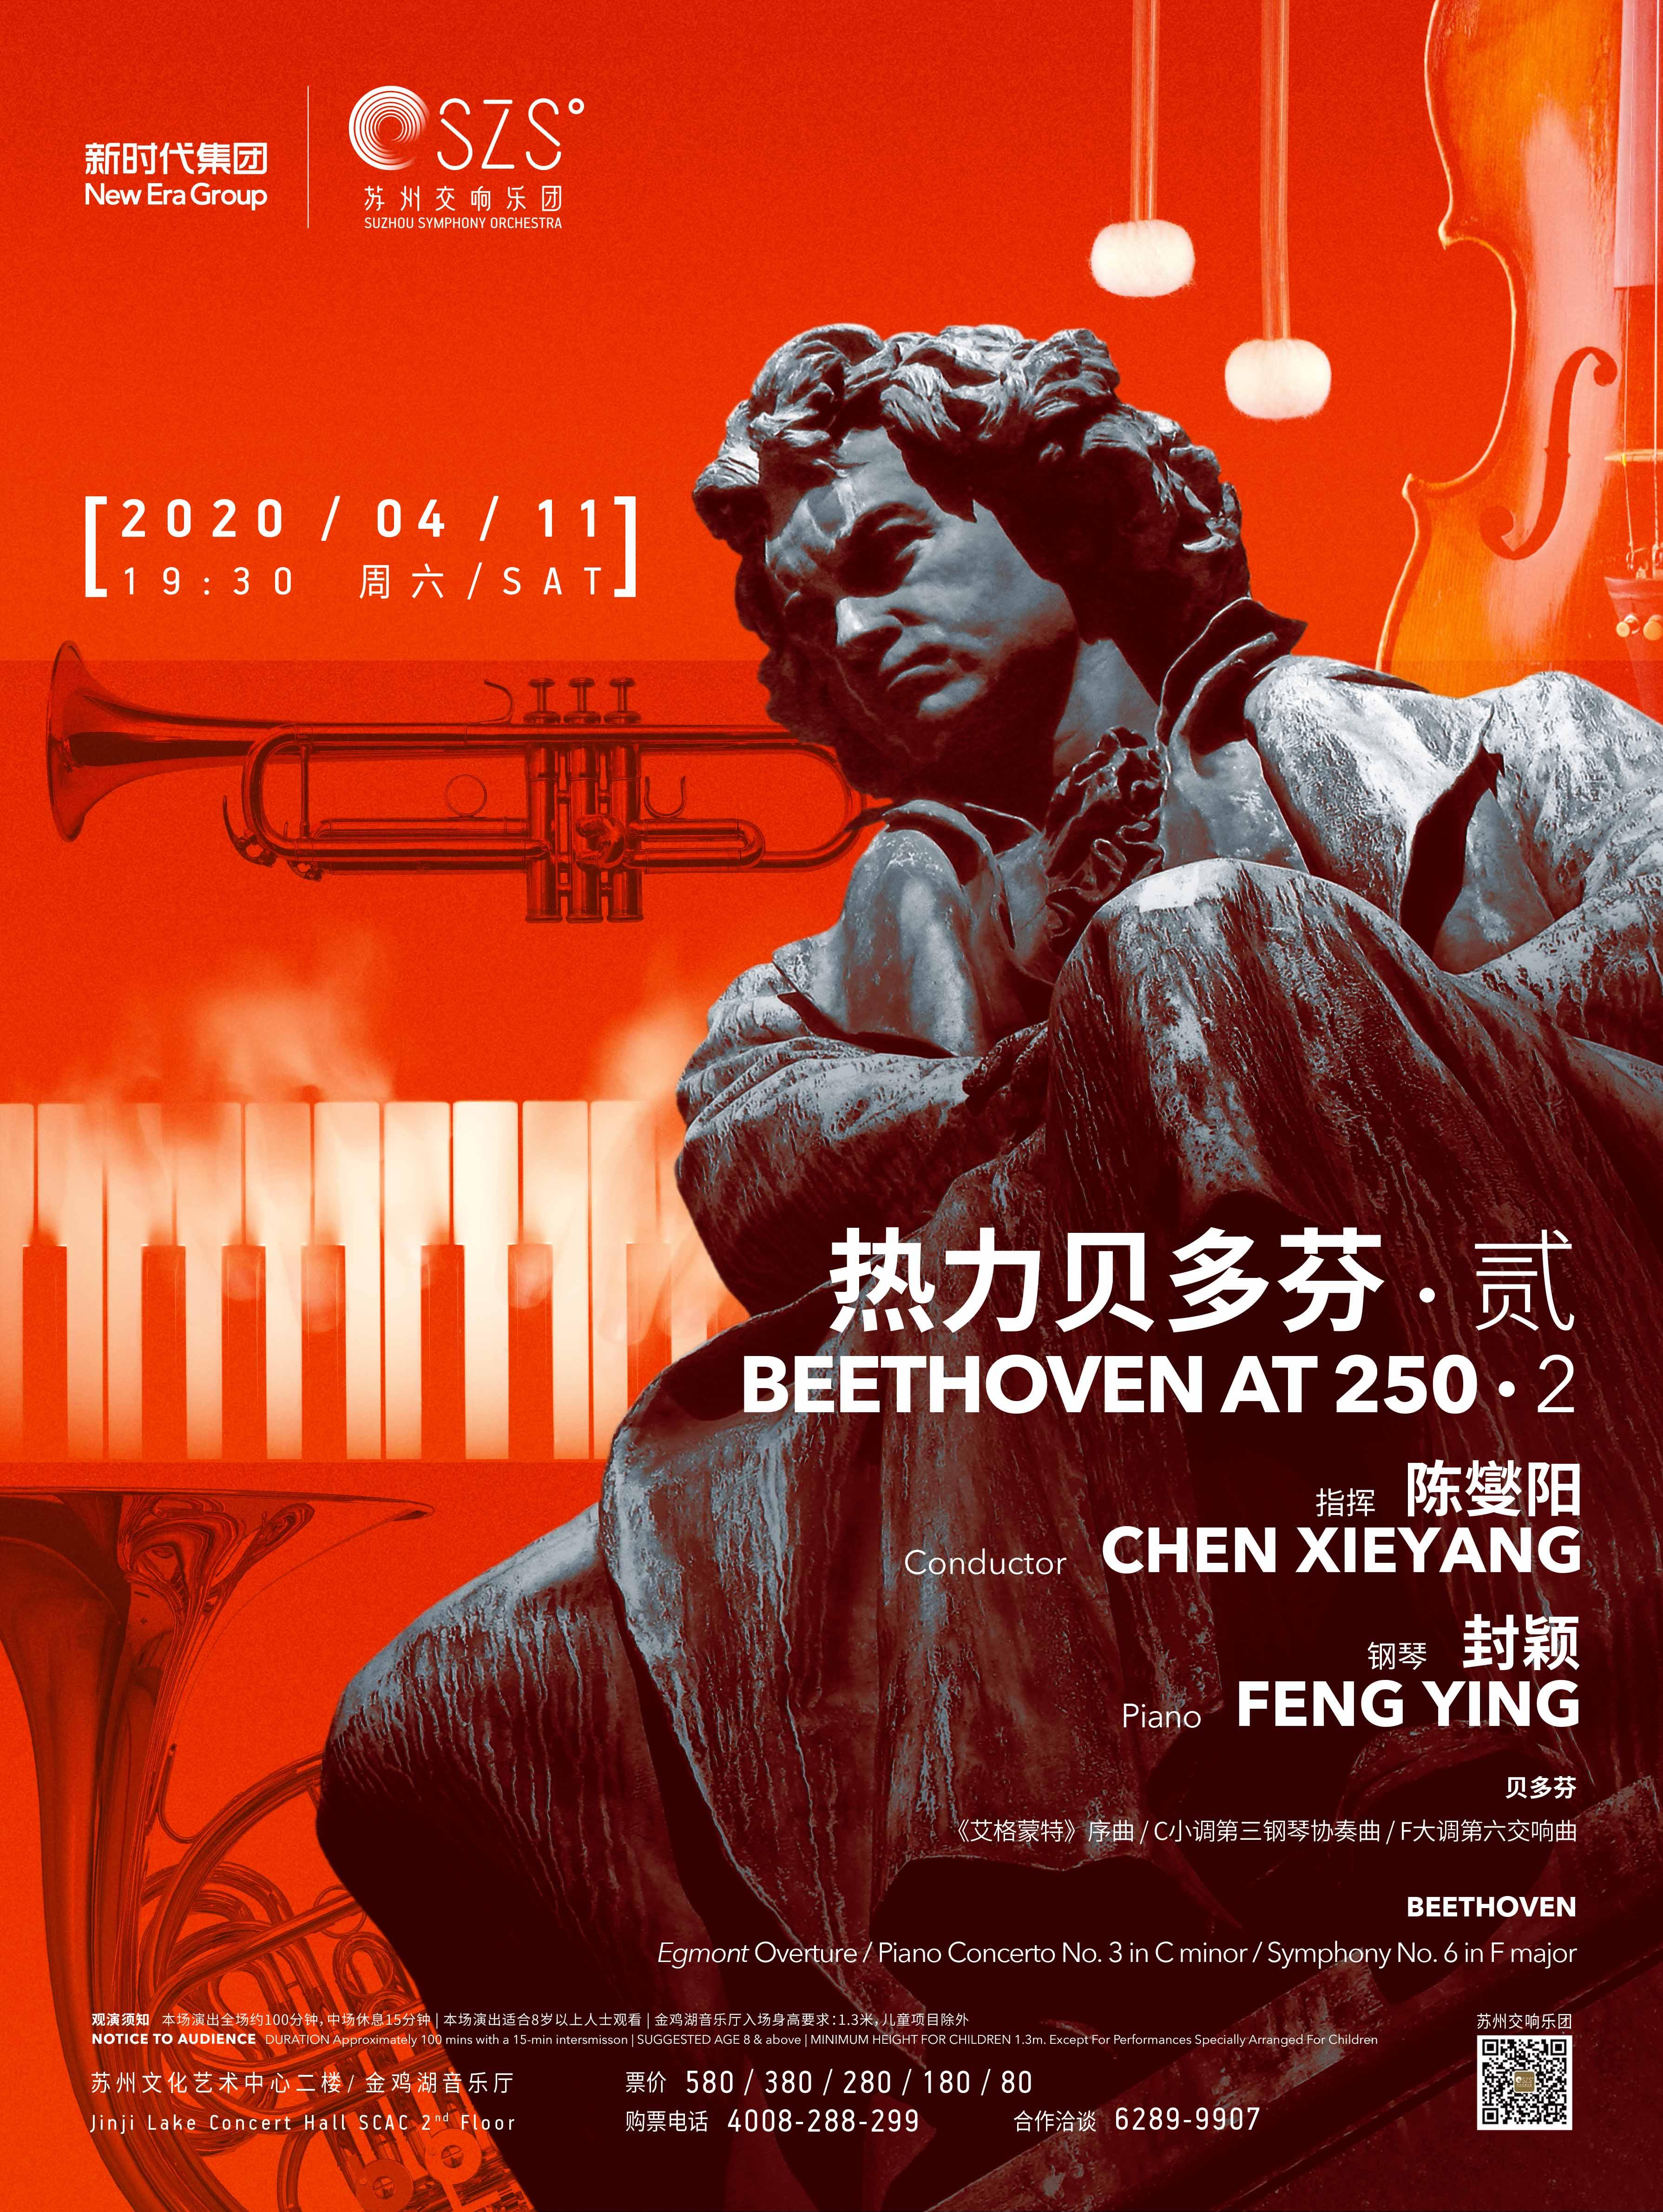 苏州交响乐团2019-20音乐季 热力贝多芬·贰